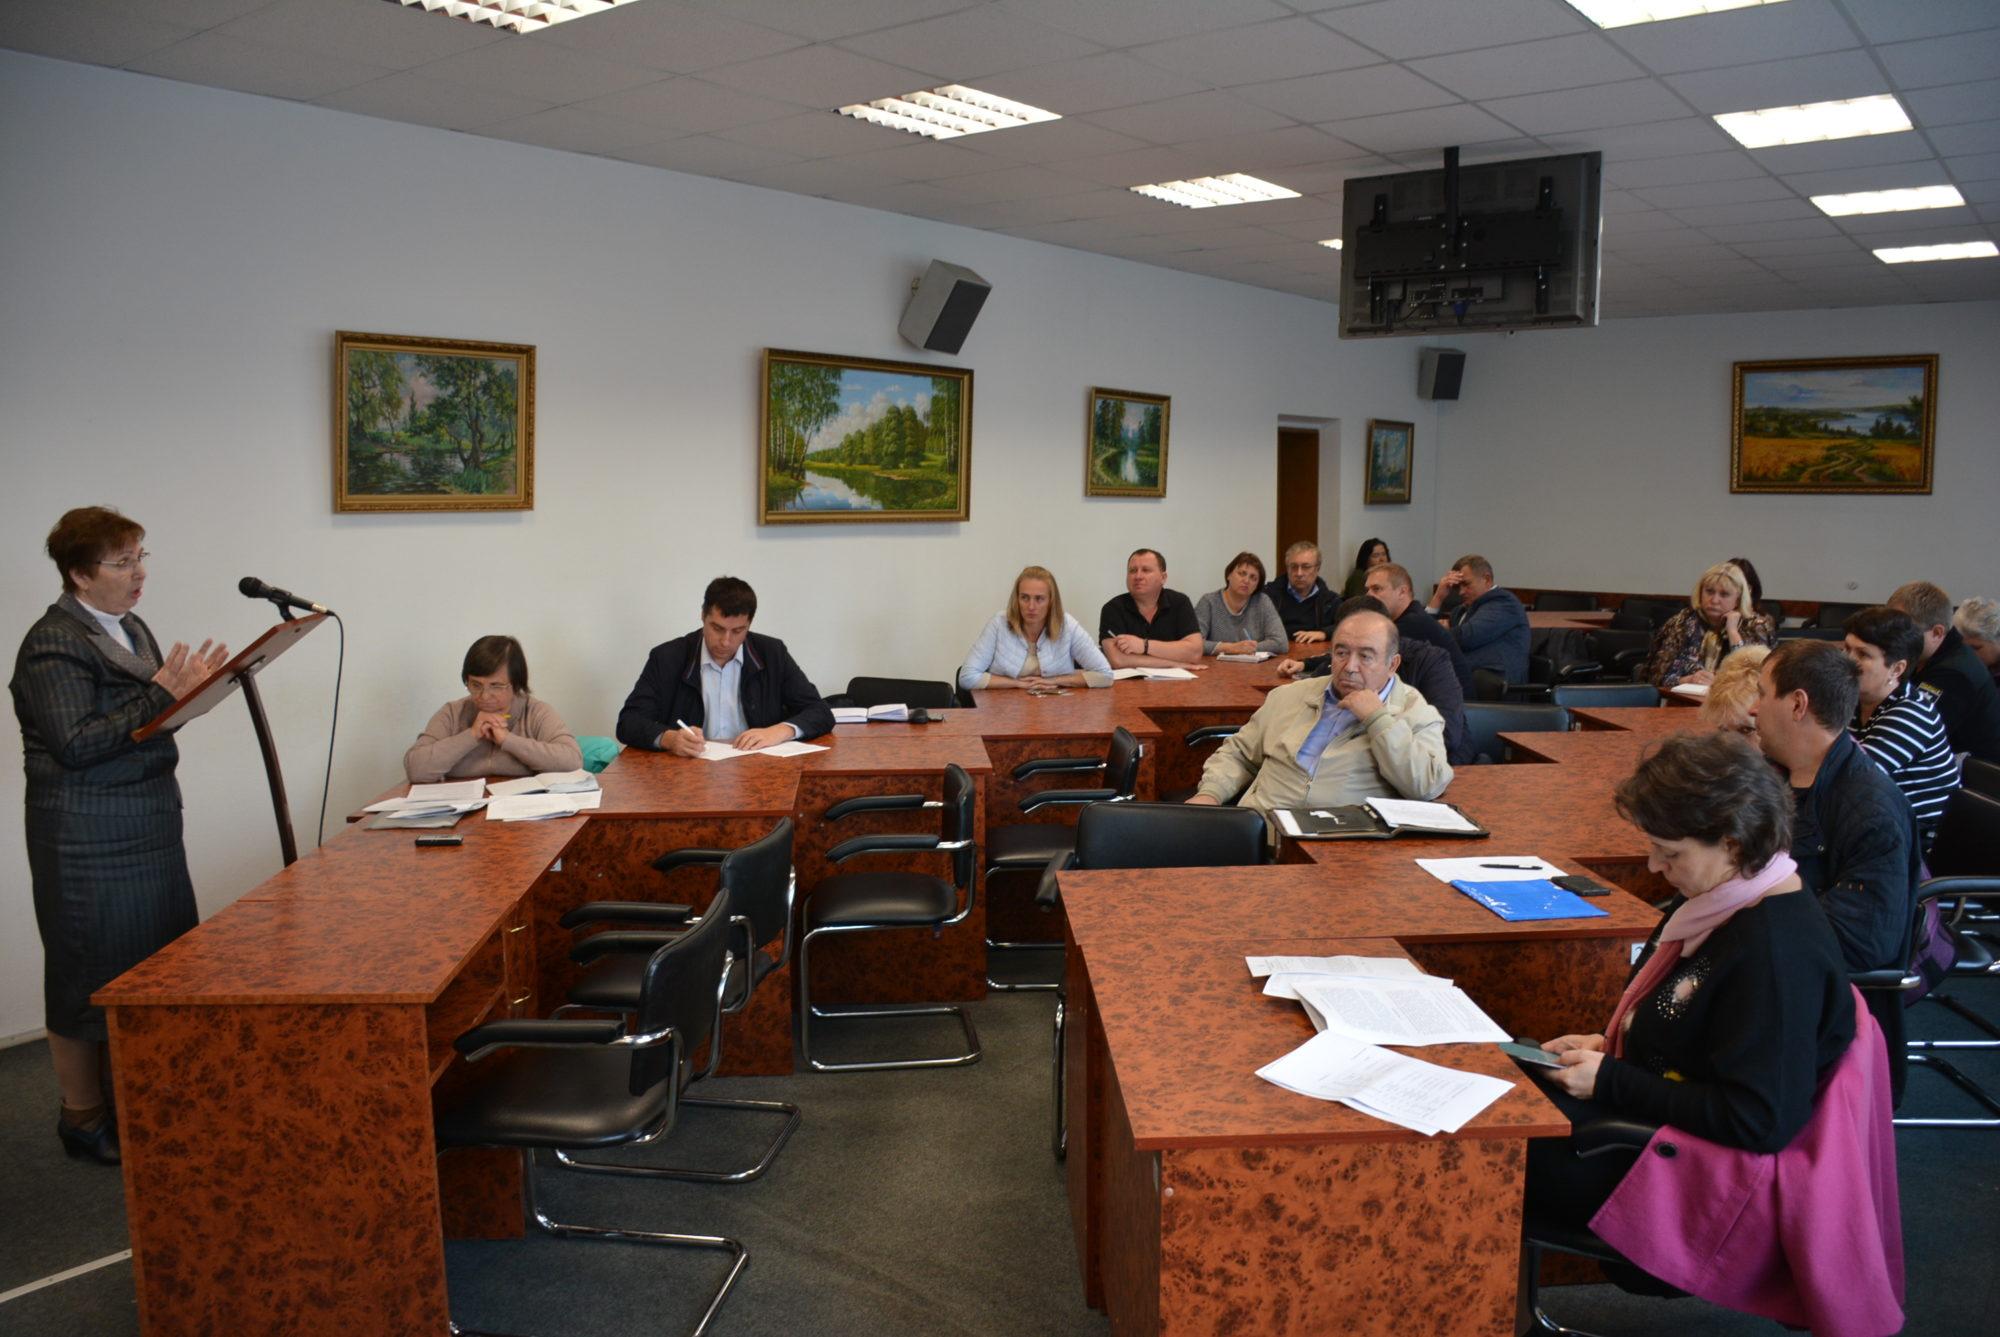 У Броварах відбулося засідання комісії з питань техногенно-екологічної безпеки та надзвичайних ситуацій -  - DSC 5488 2000x1337